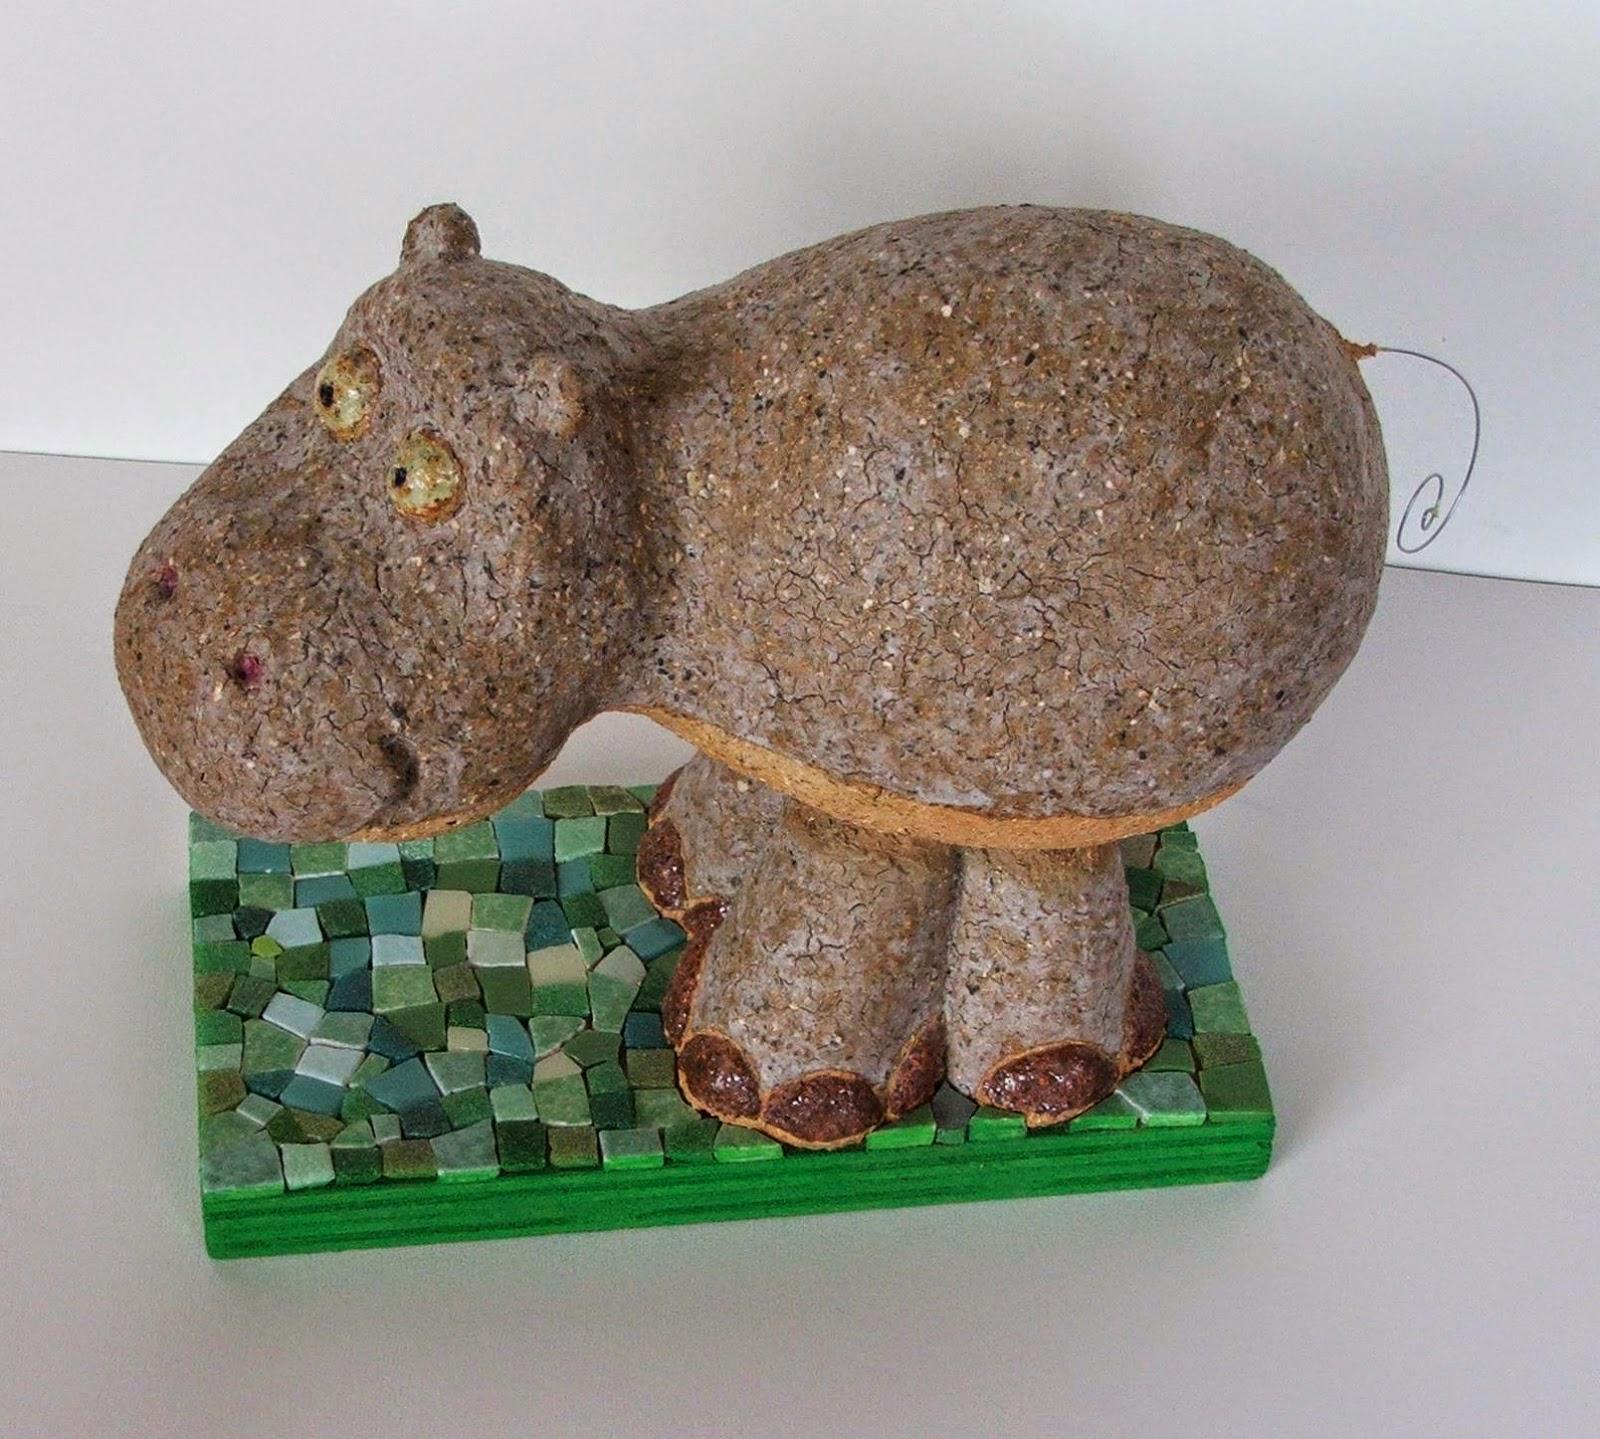 sculpture création terre cuite et mosaîque sur commande par mosaïste professionnel mimi vermicelle